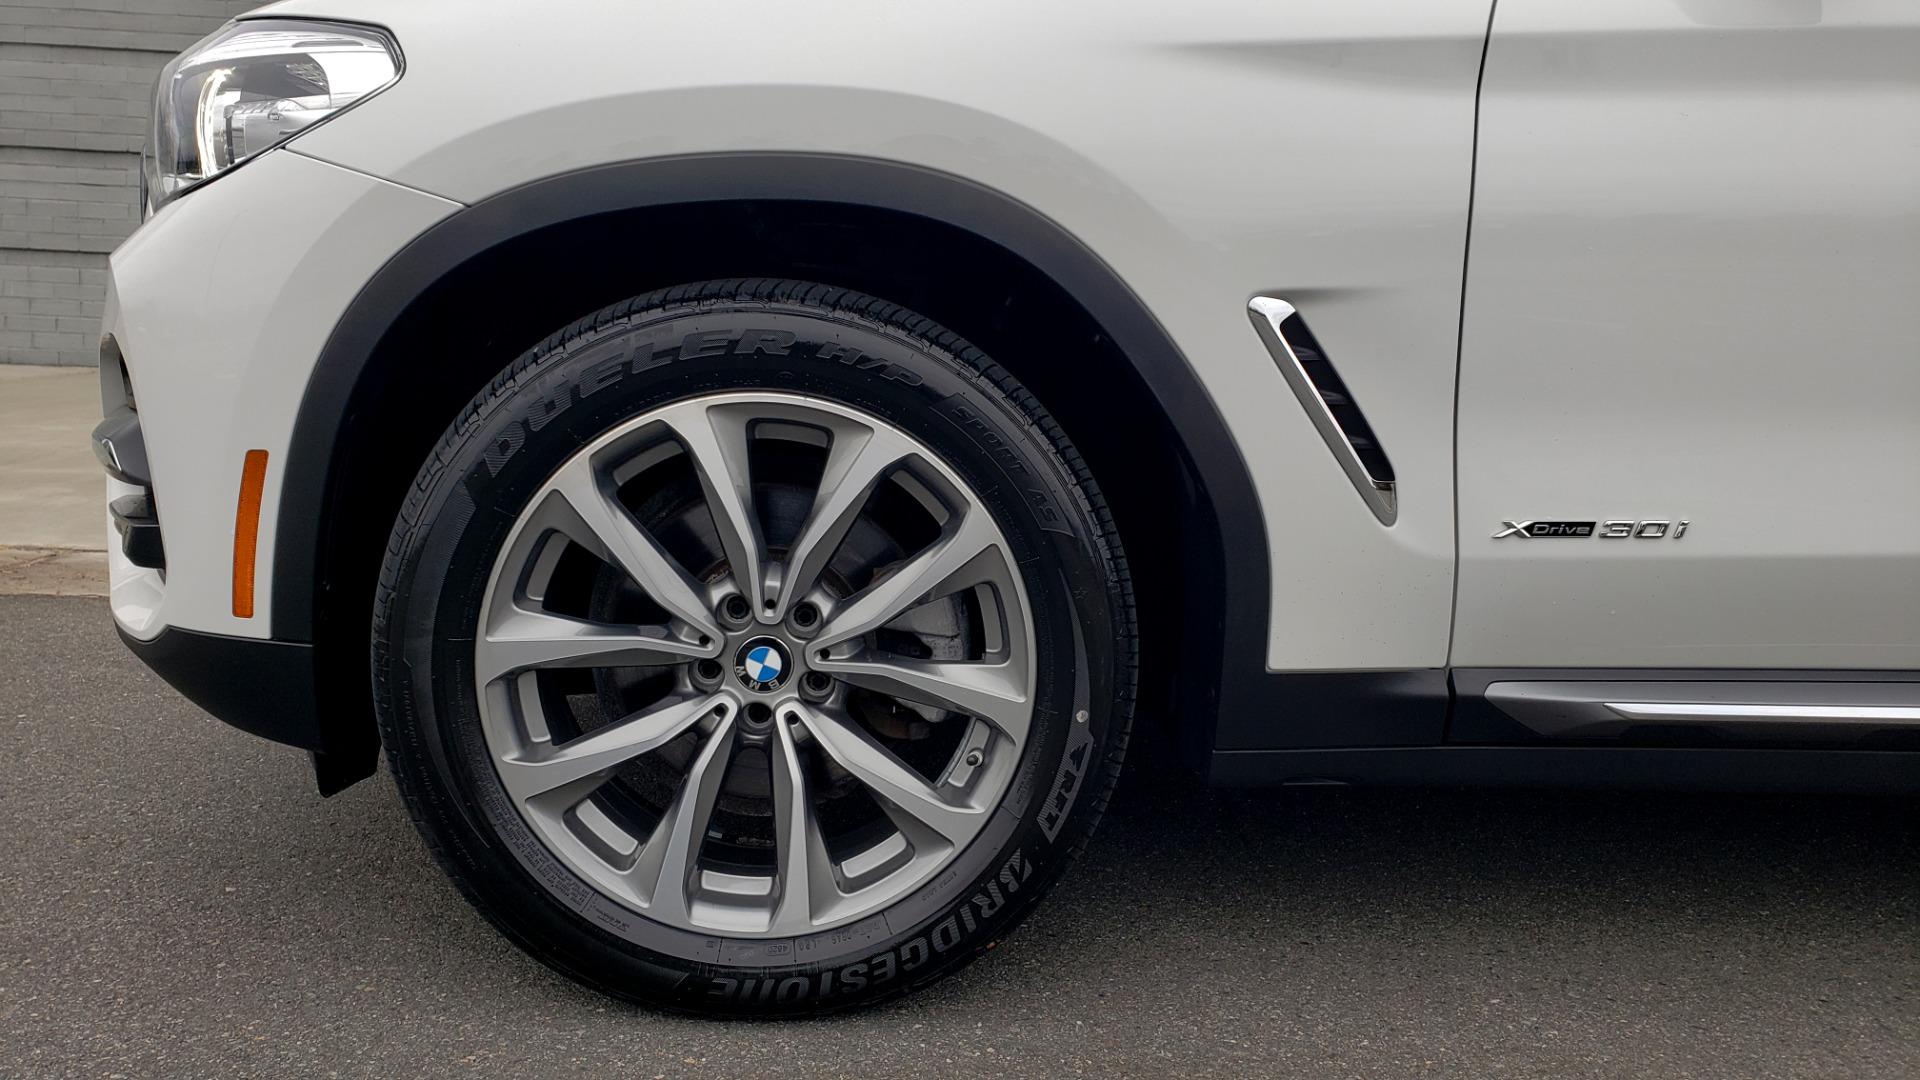 Used 2018 BMW X3 XDRIVE30I / LUX PKG / PREM PKG / CONV PKG / PDC / APPLE CARPLAY for sale Sold at Formula Imports in Charlotte NC 28227 87